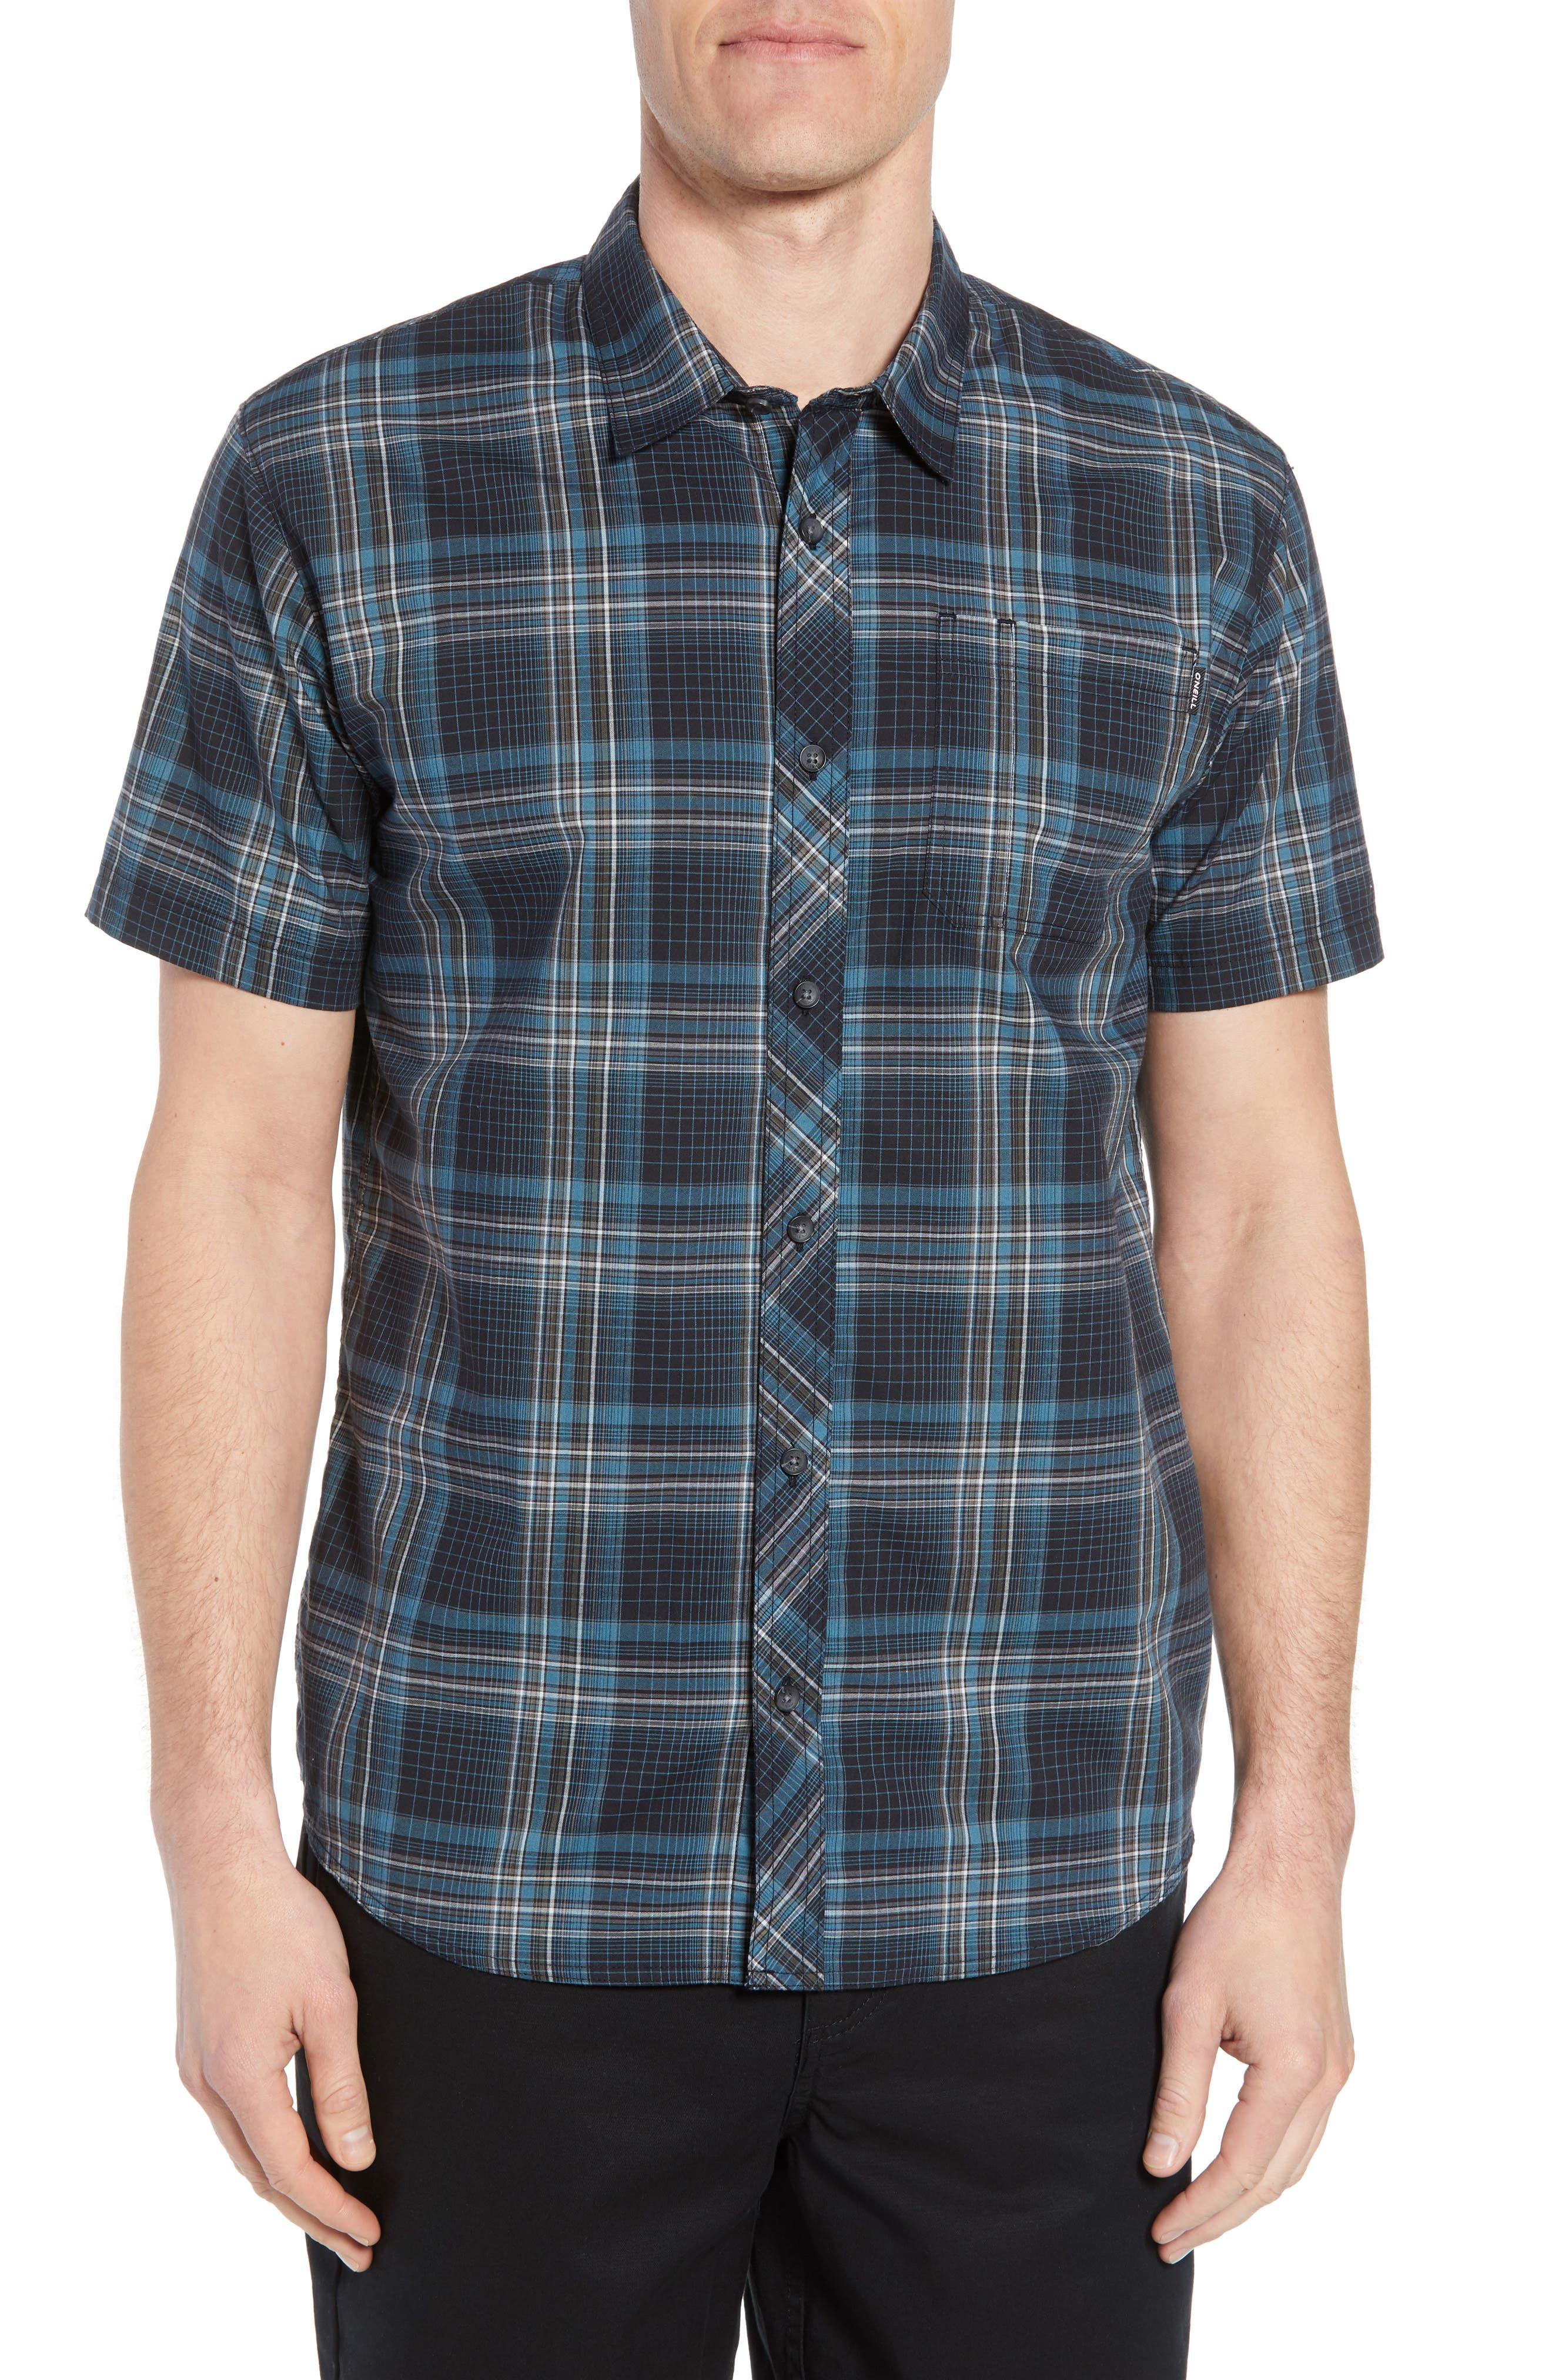 Main Image - O'Neill Sturghill Woven Shirt